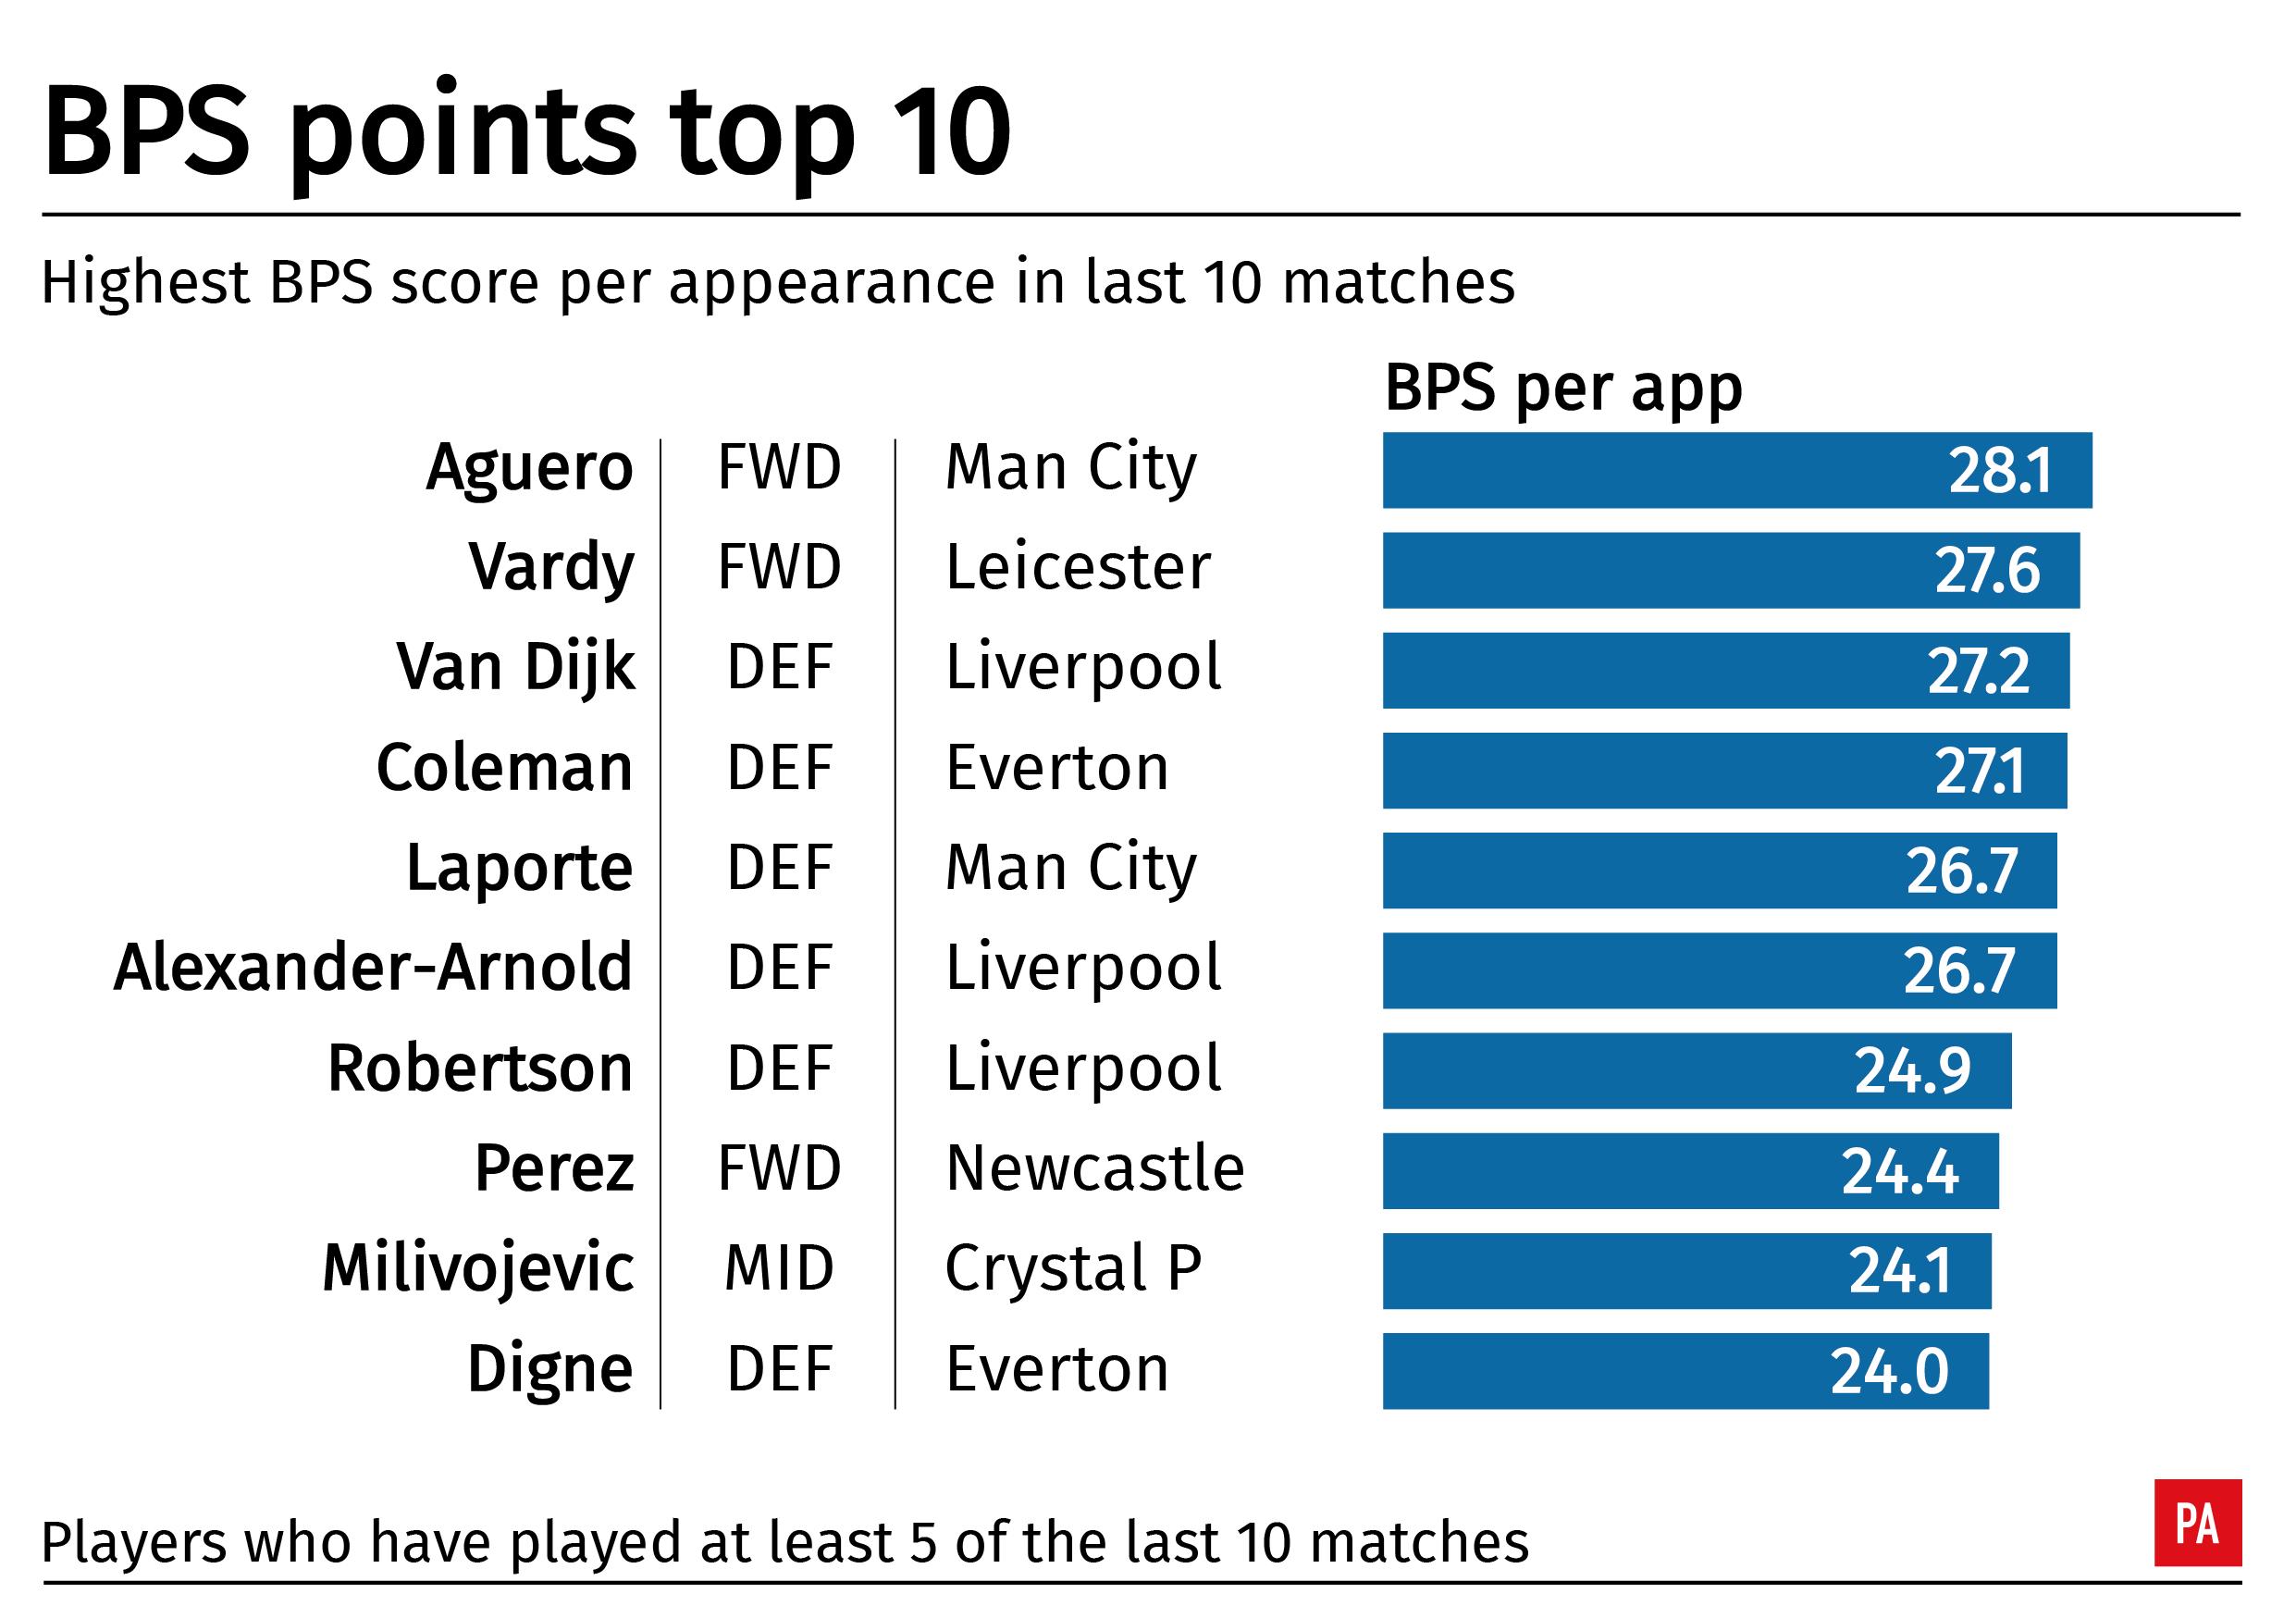 Sebuah tabel yang menampilkan tip 10 gamer Liga Premier untuk BPS moderat mengungkap selama 10 pertandingan terakhir